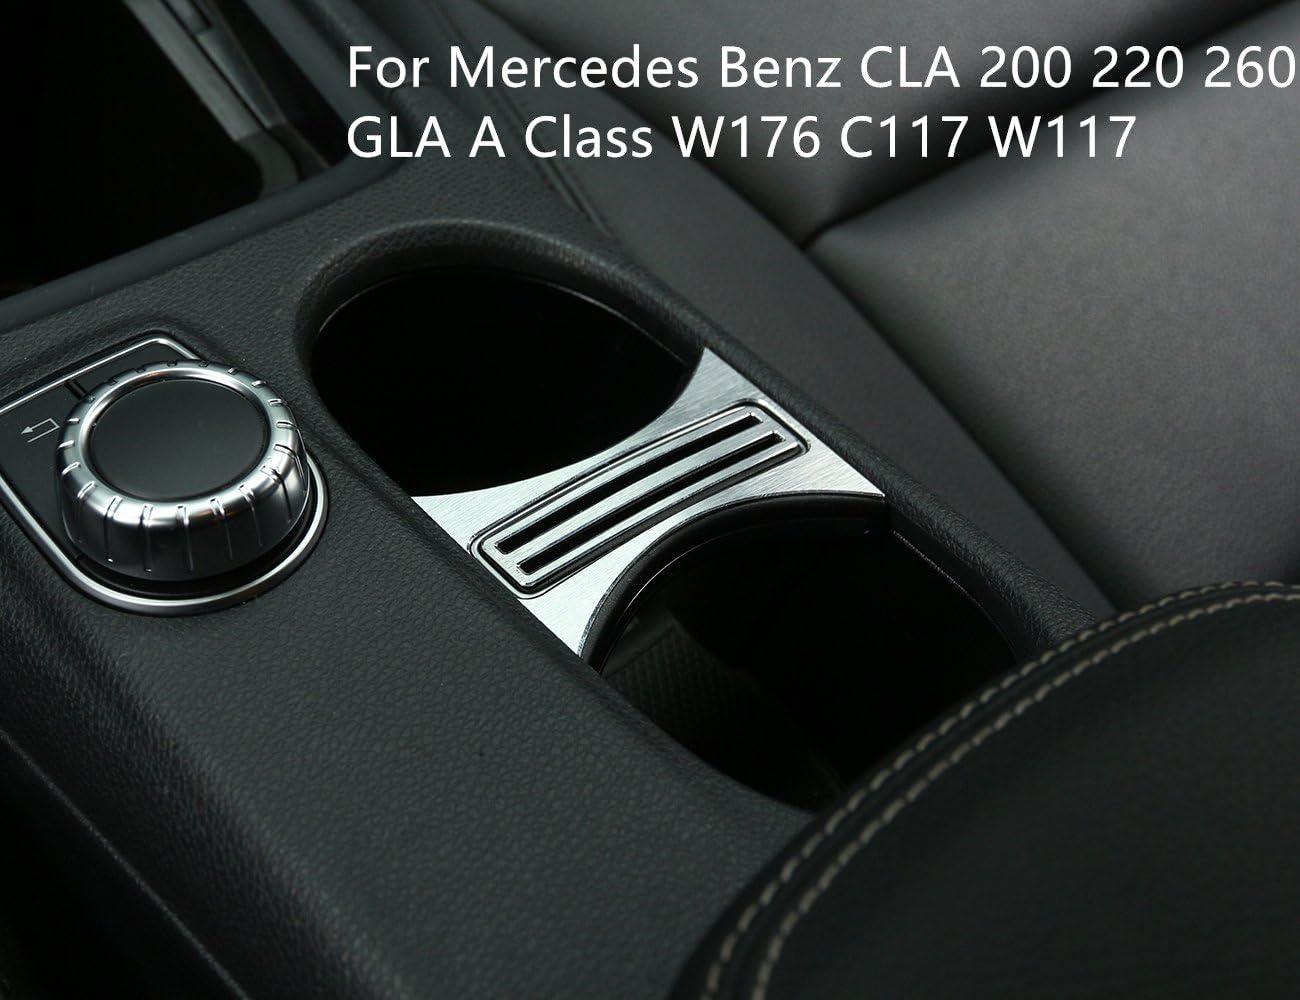 C117 260 GLA classe A W117 W176 in lega di alluminio 220 per CLA 200 Copertura per portabicchieri auto